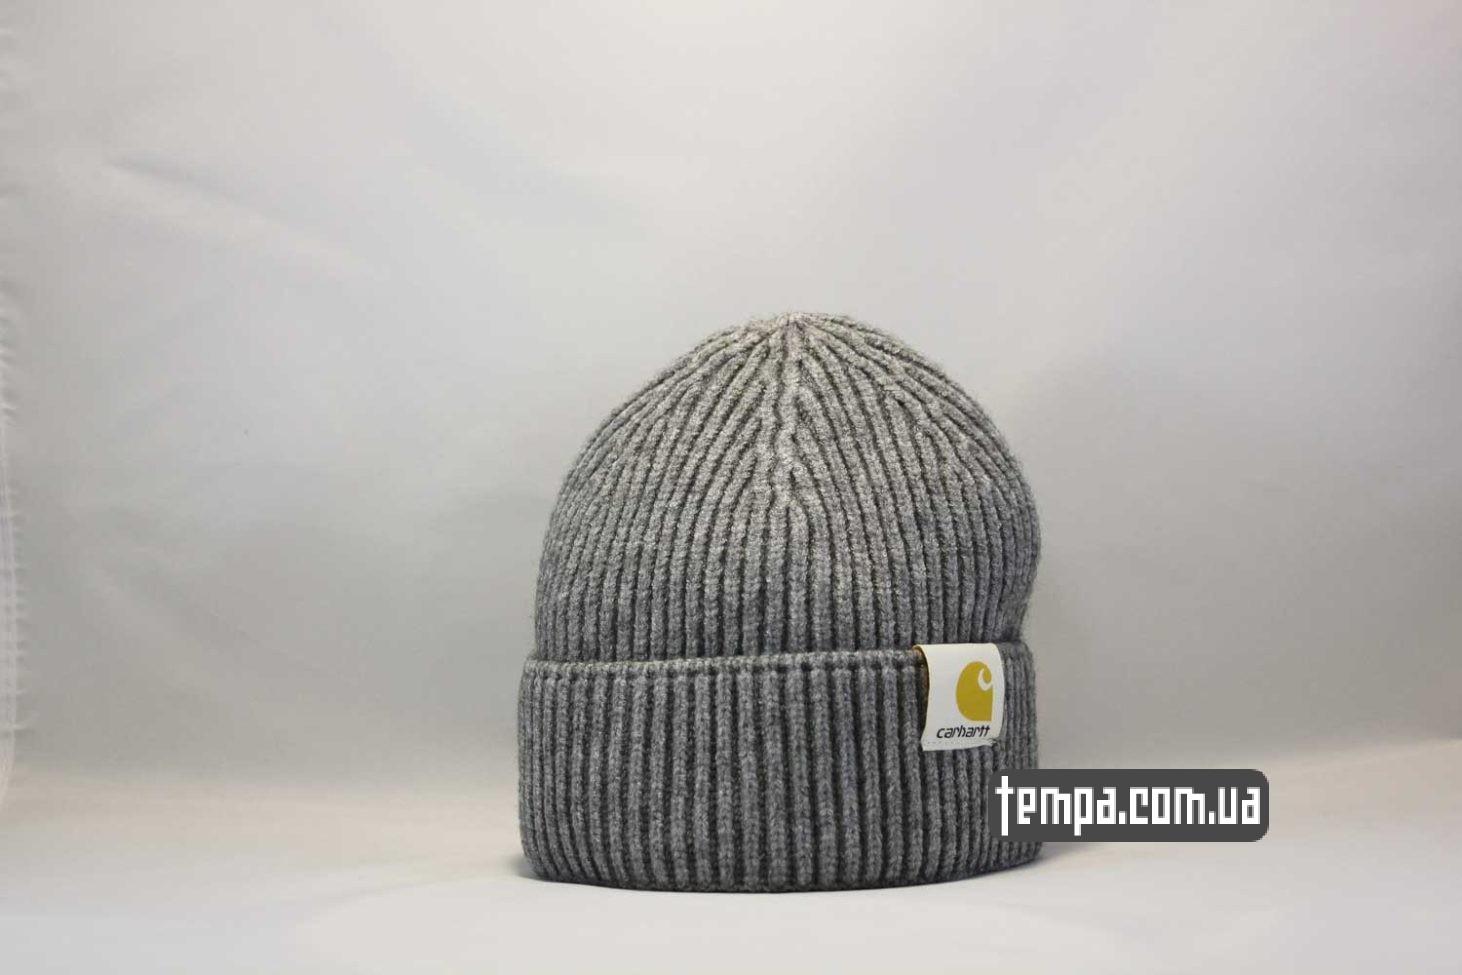 шапка beanie Carhartt grey серая купить магазин